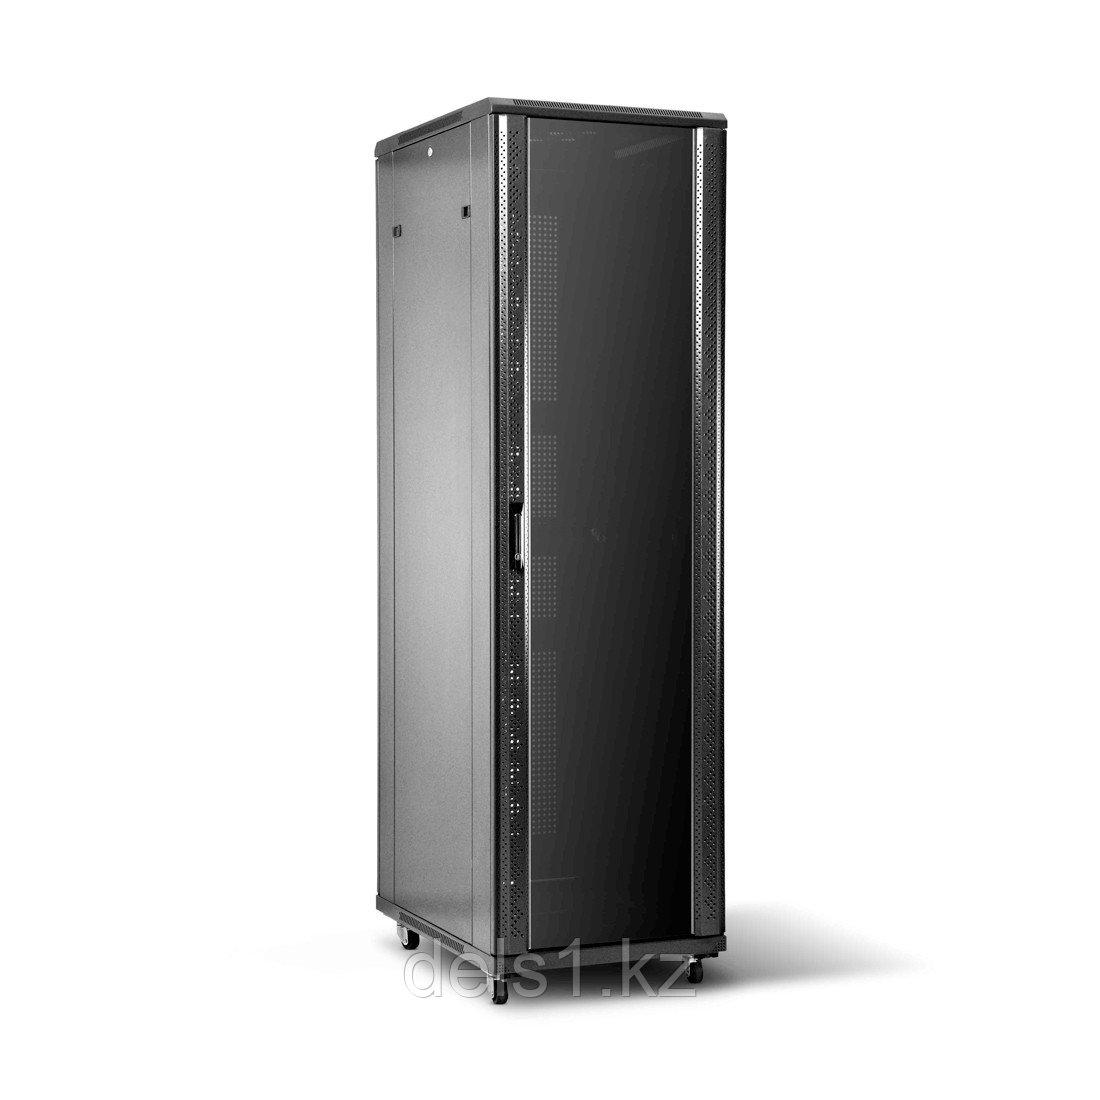 Шкаф серверный напольный SHIP 601S.8842.24.100 42U 800*800*2000 мм